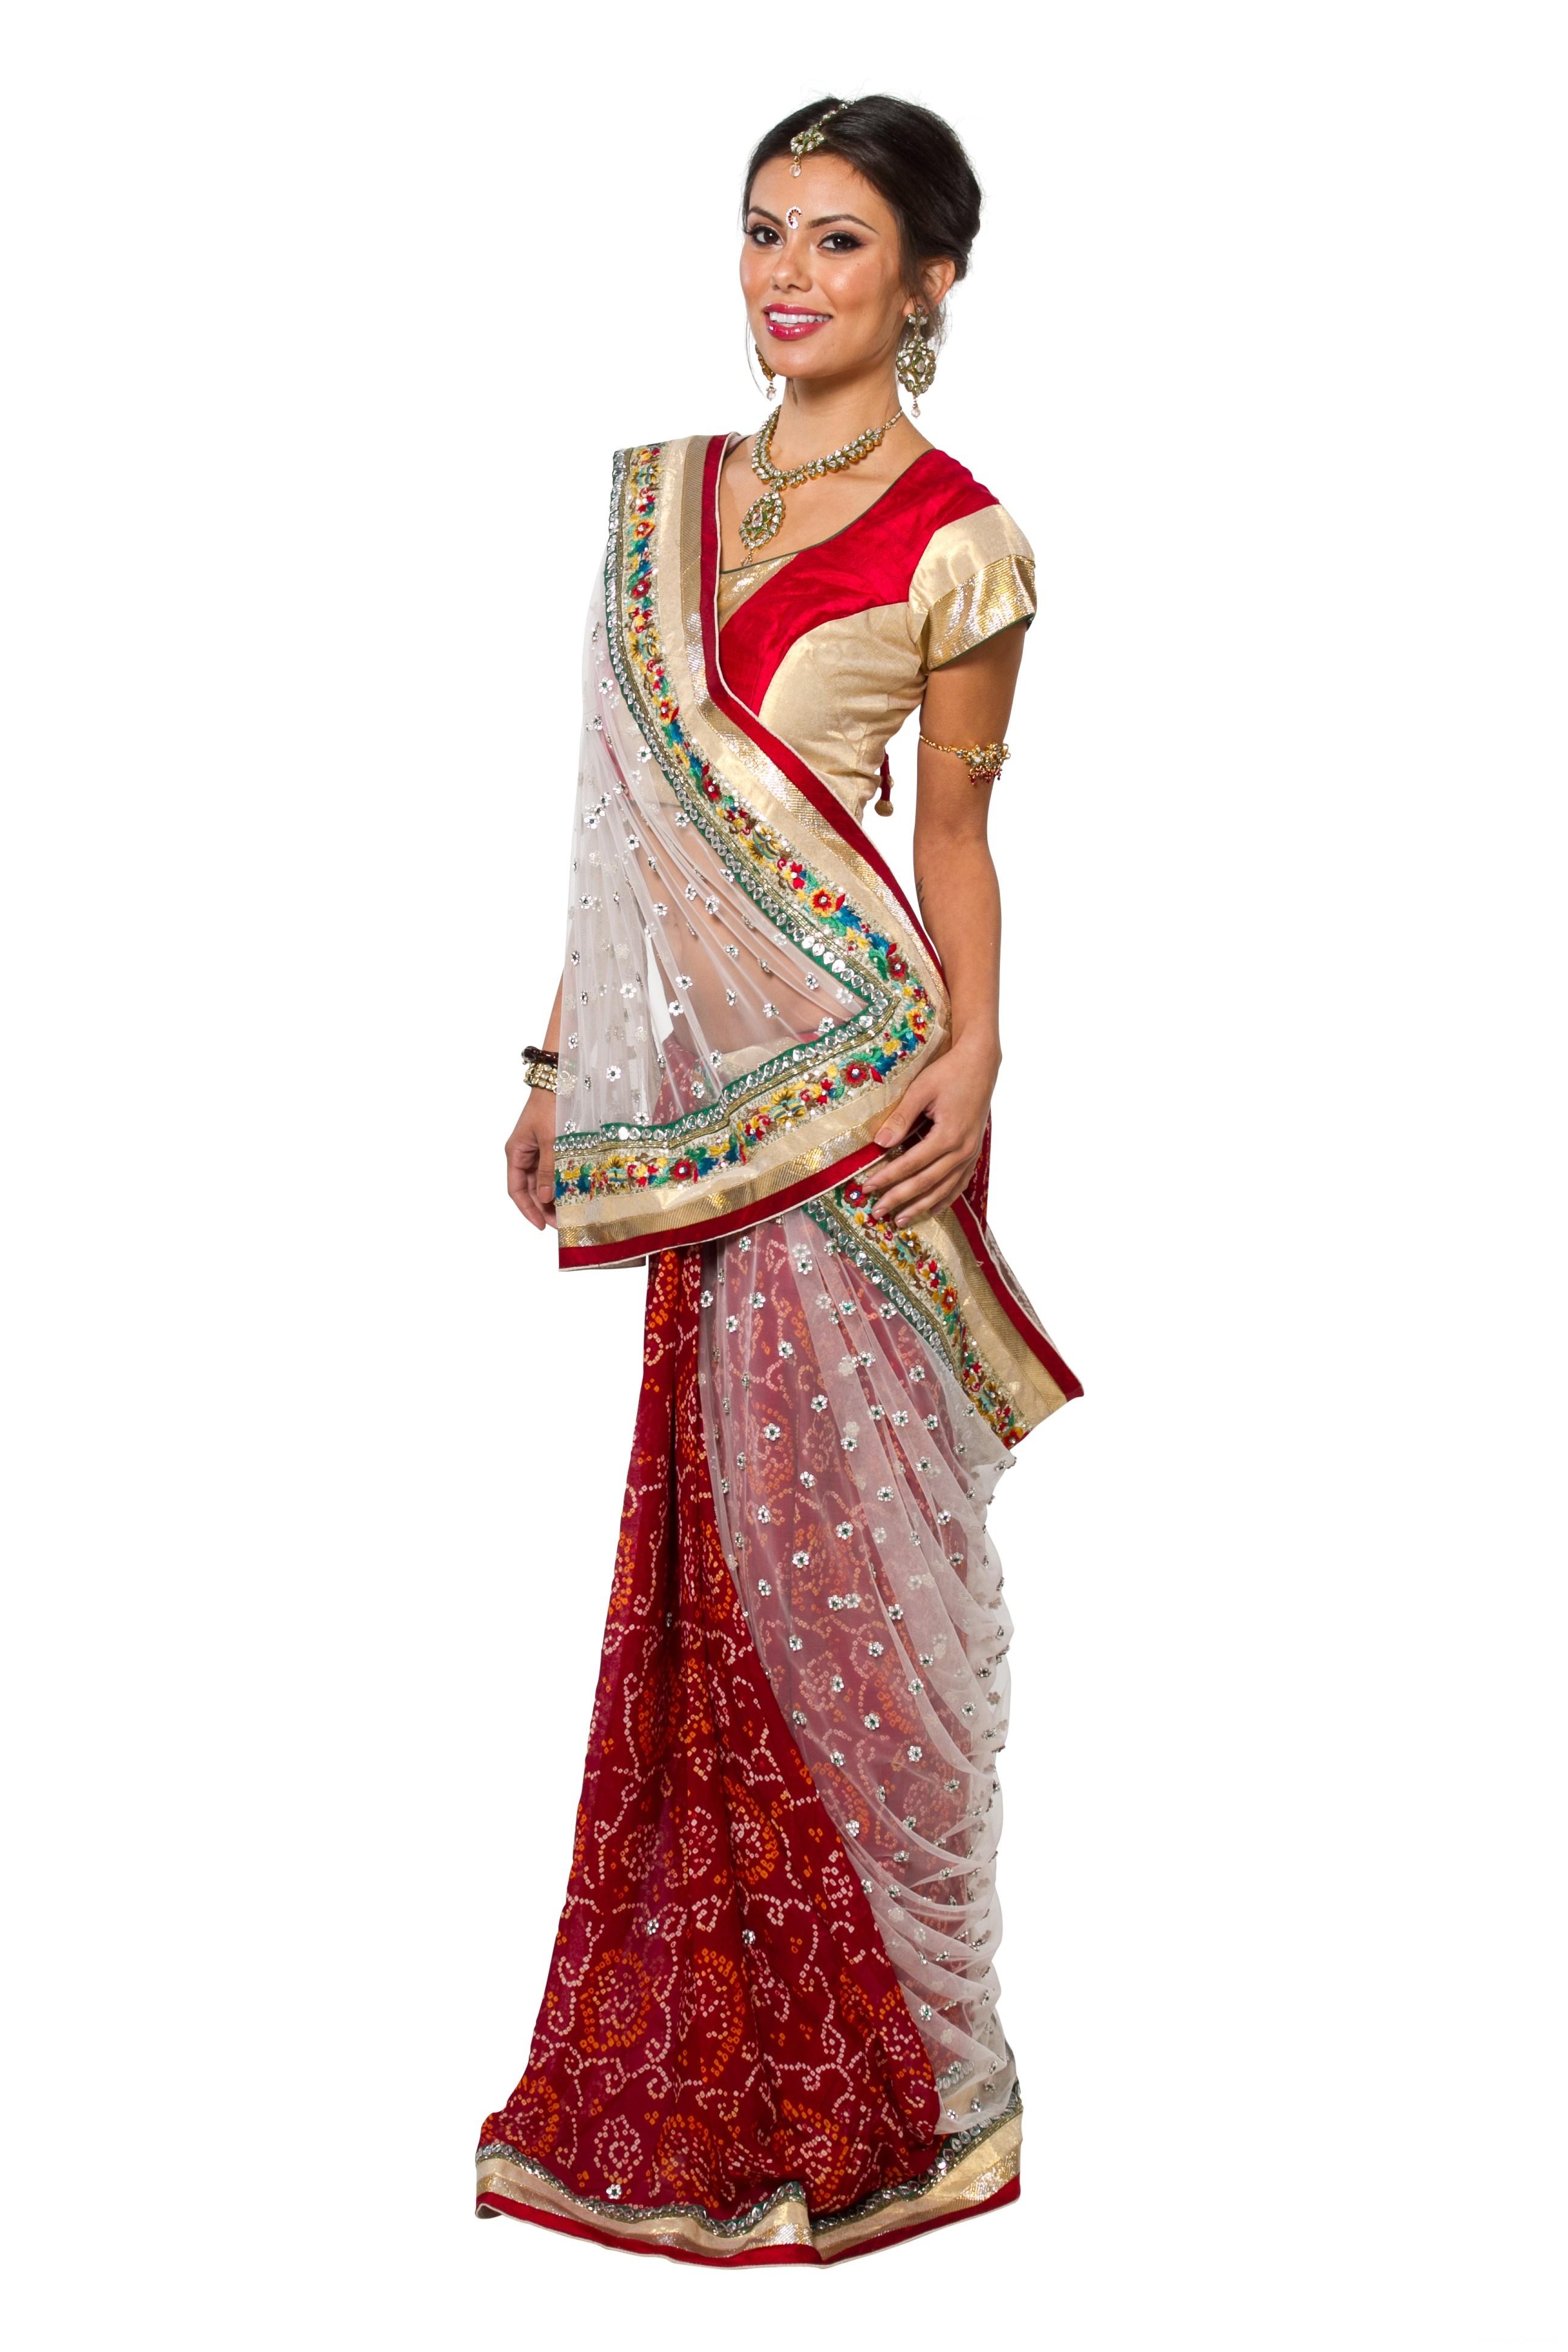 хэтчбек индийские национальные костюмы в картинках для булочки бантики